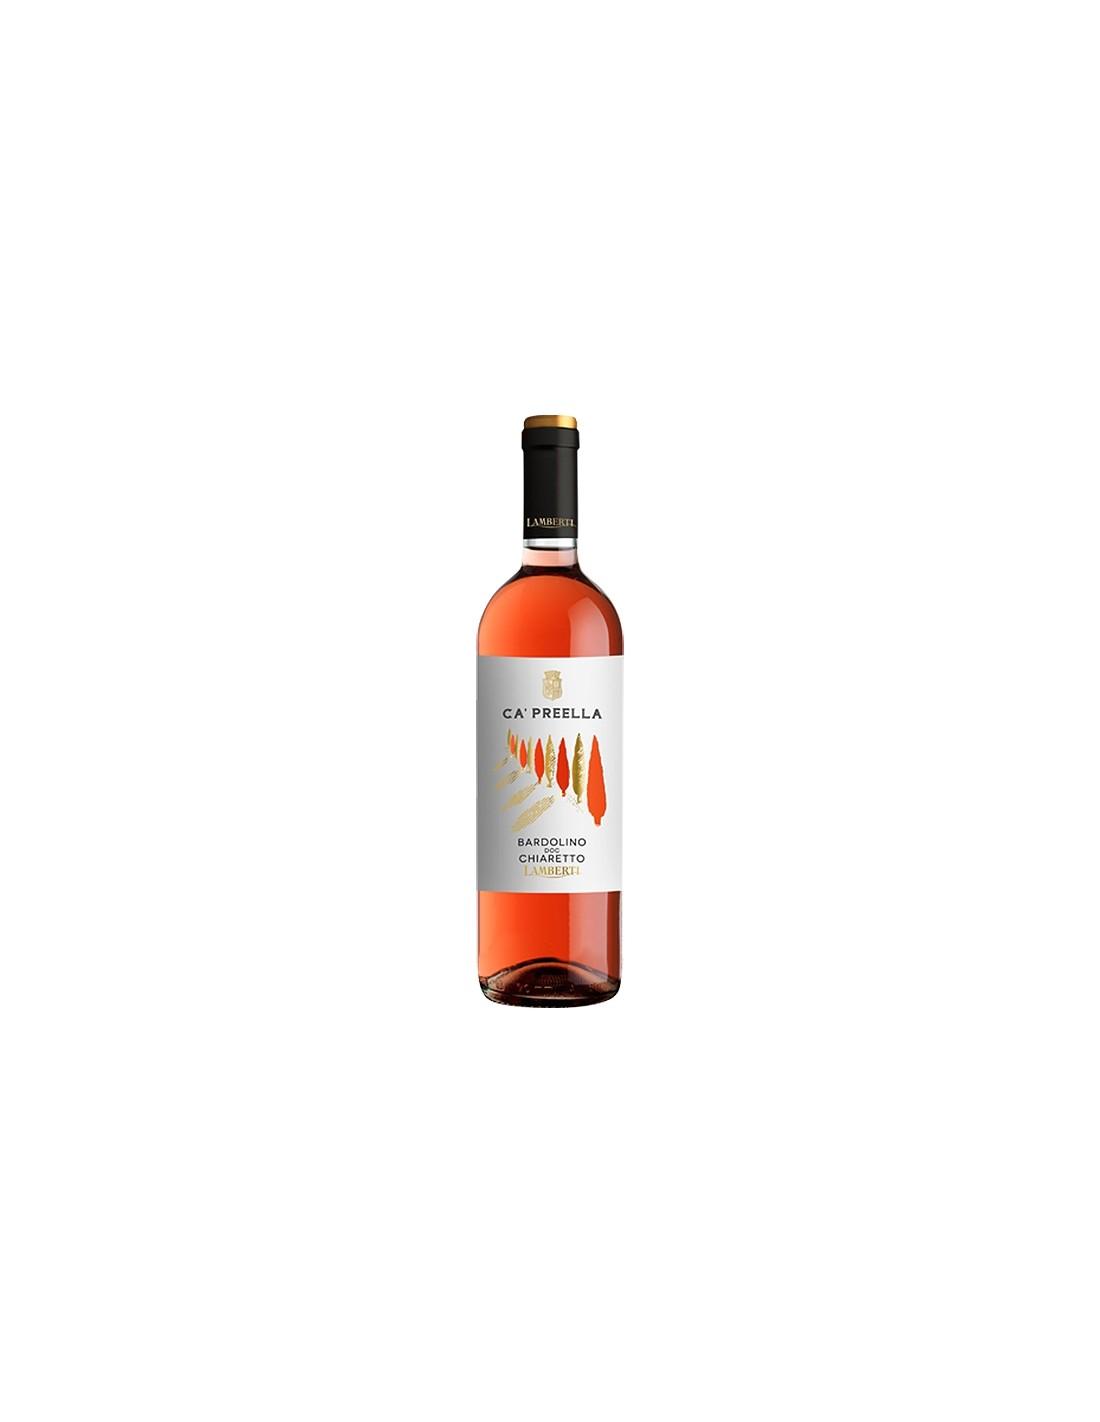 Vin roze, Lamberti Ca Preella Bardolino Chiaretto, 12% alc., 0.75L, Italia